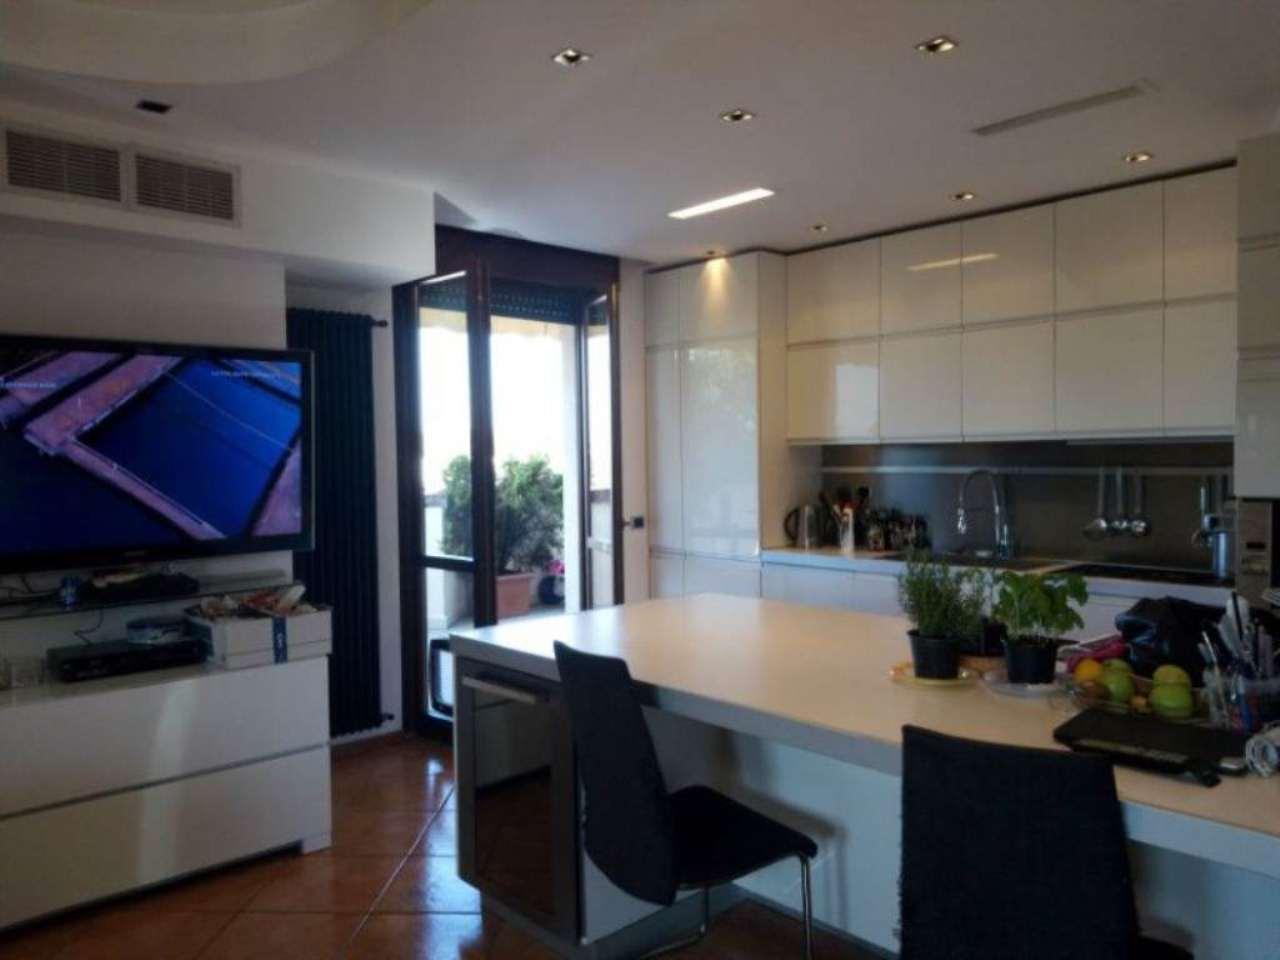 Attico / Mansarda in vendita a Caronno Pertusella, 4 locali, prezzo € 400.000 | Cambio Casa.it